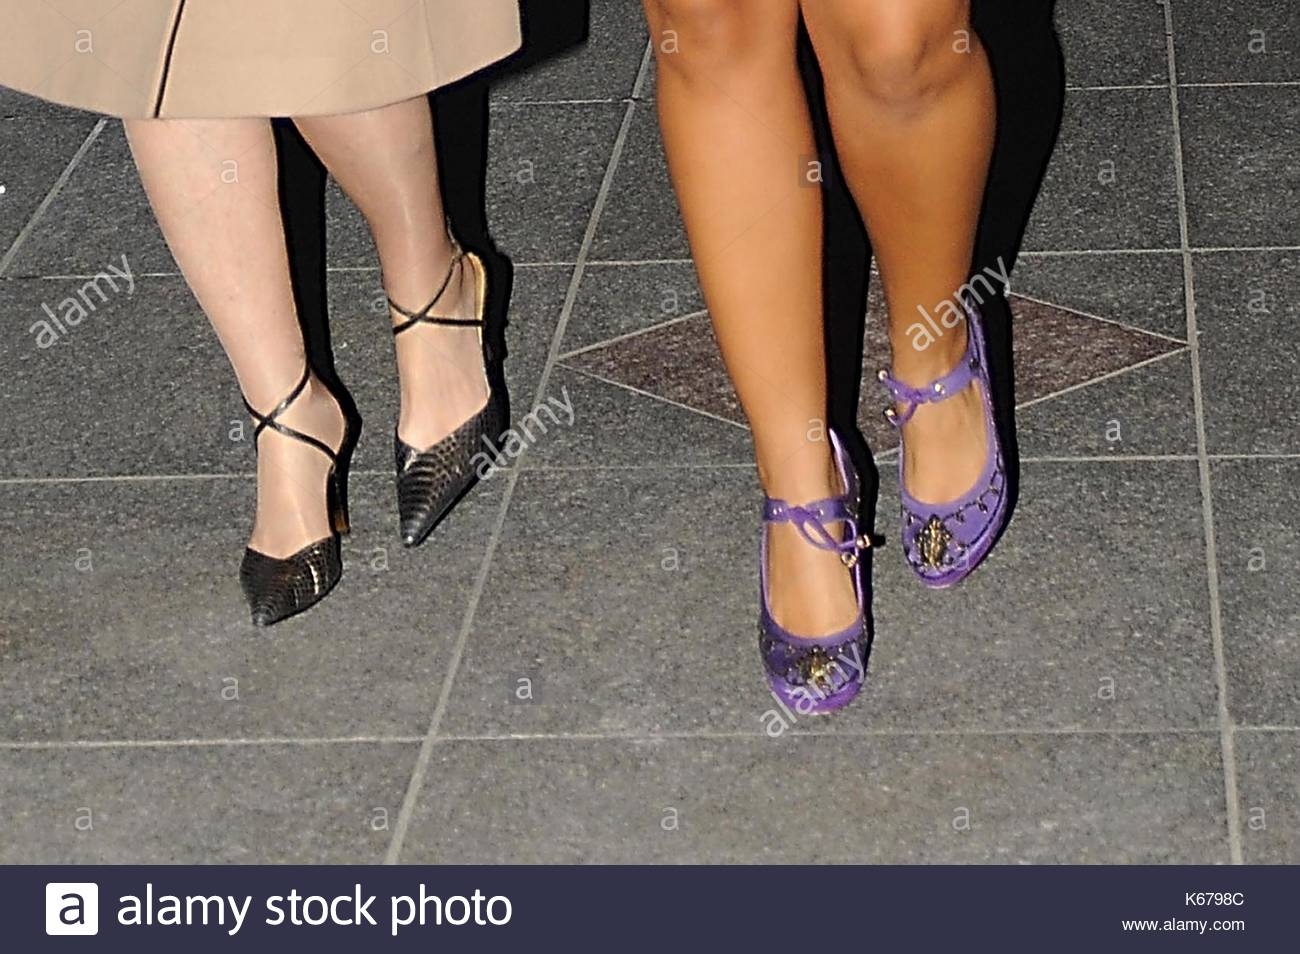 la con Keys viola è cena luminosi Alicia ella casa augello sul accompagnata scarpe madre visto da sua verso in teresa Obama una bianca con è per cammino H4YYqd